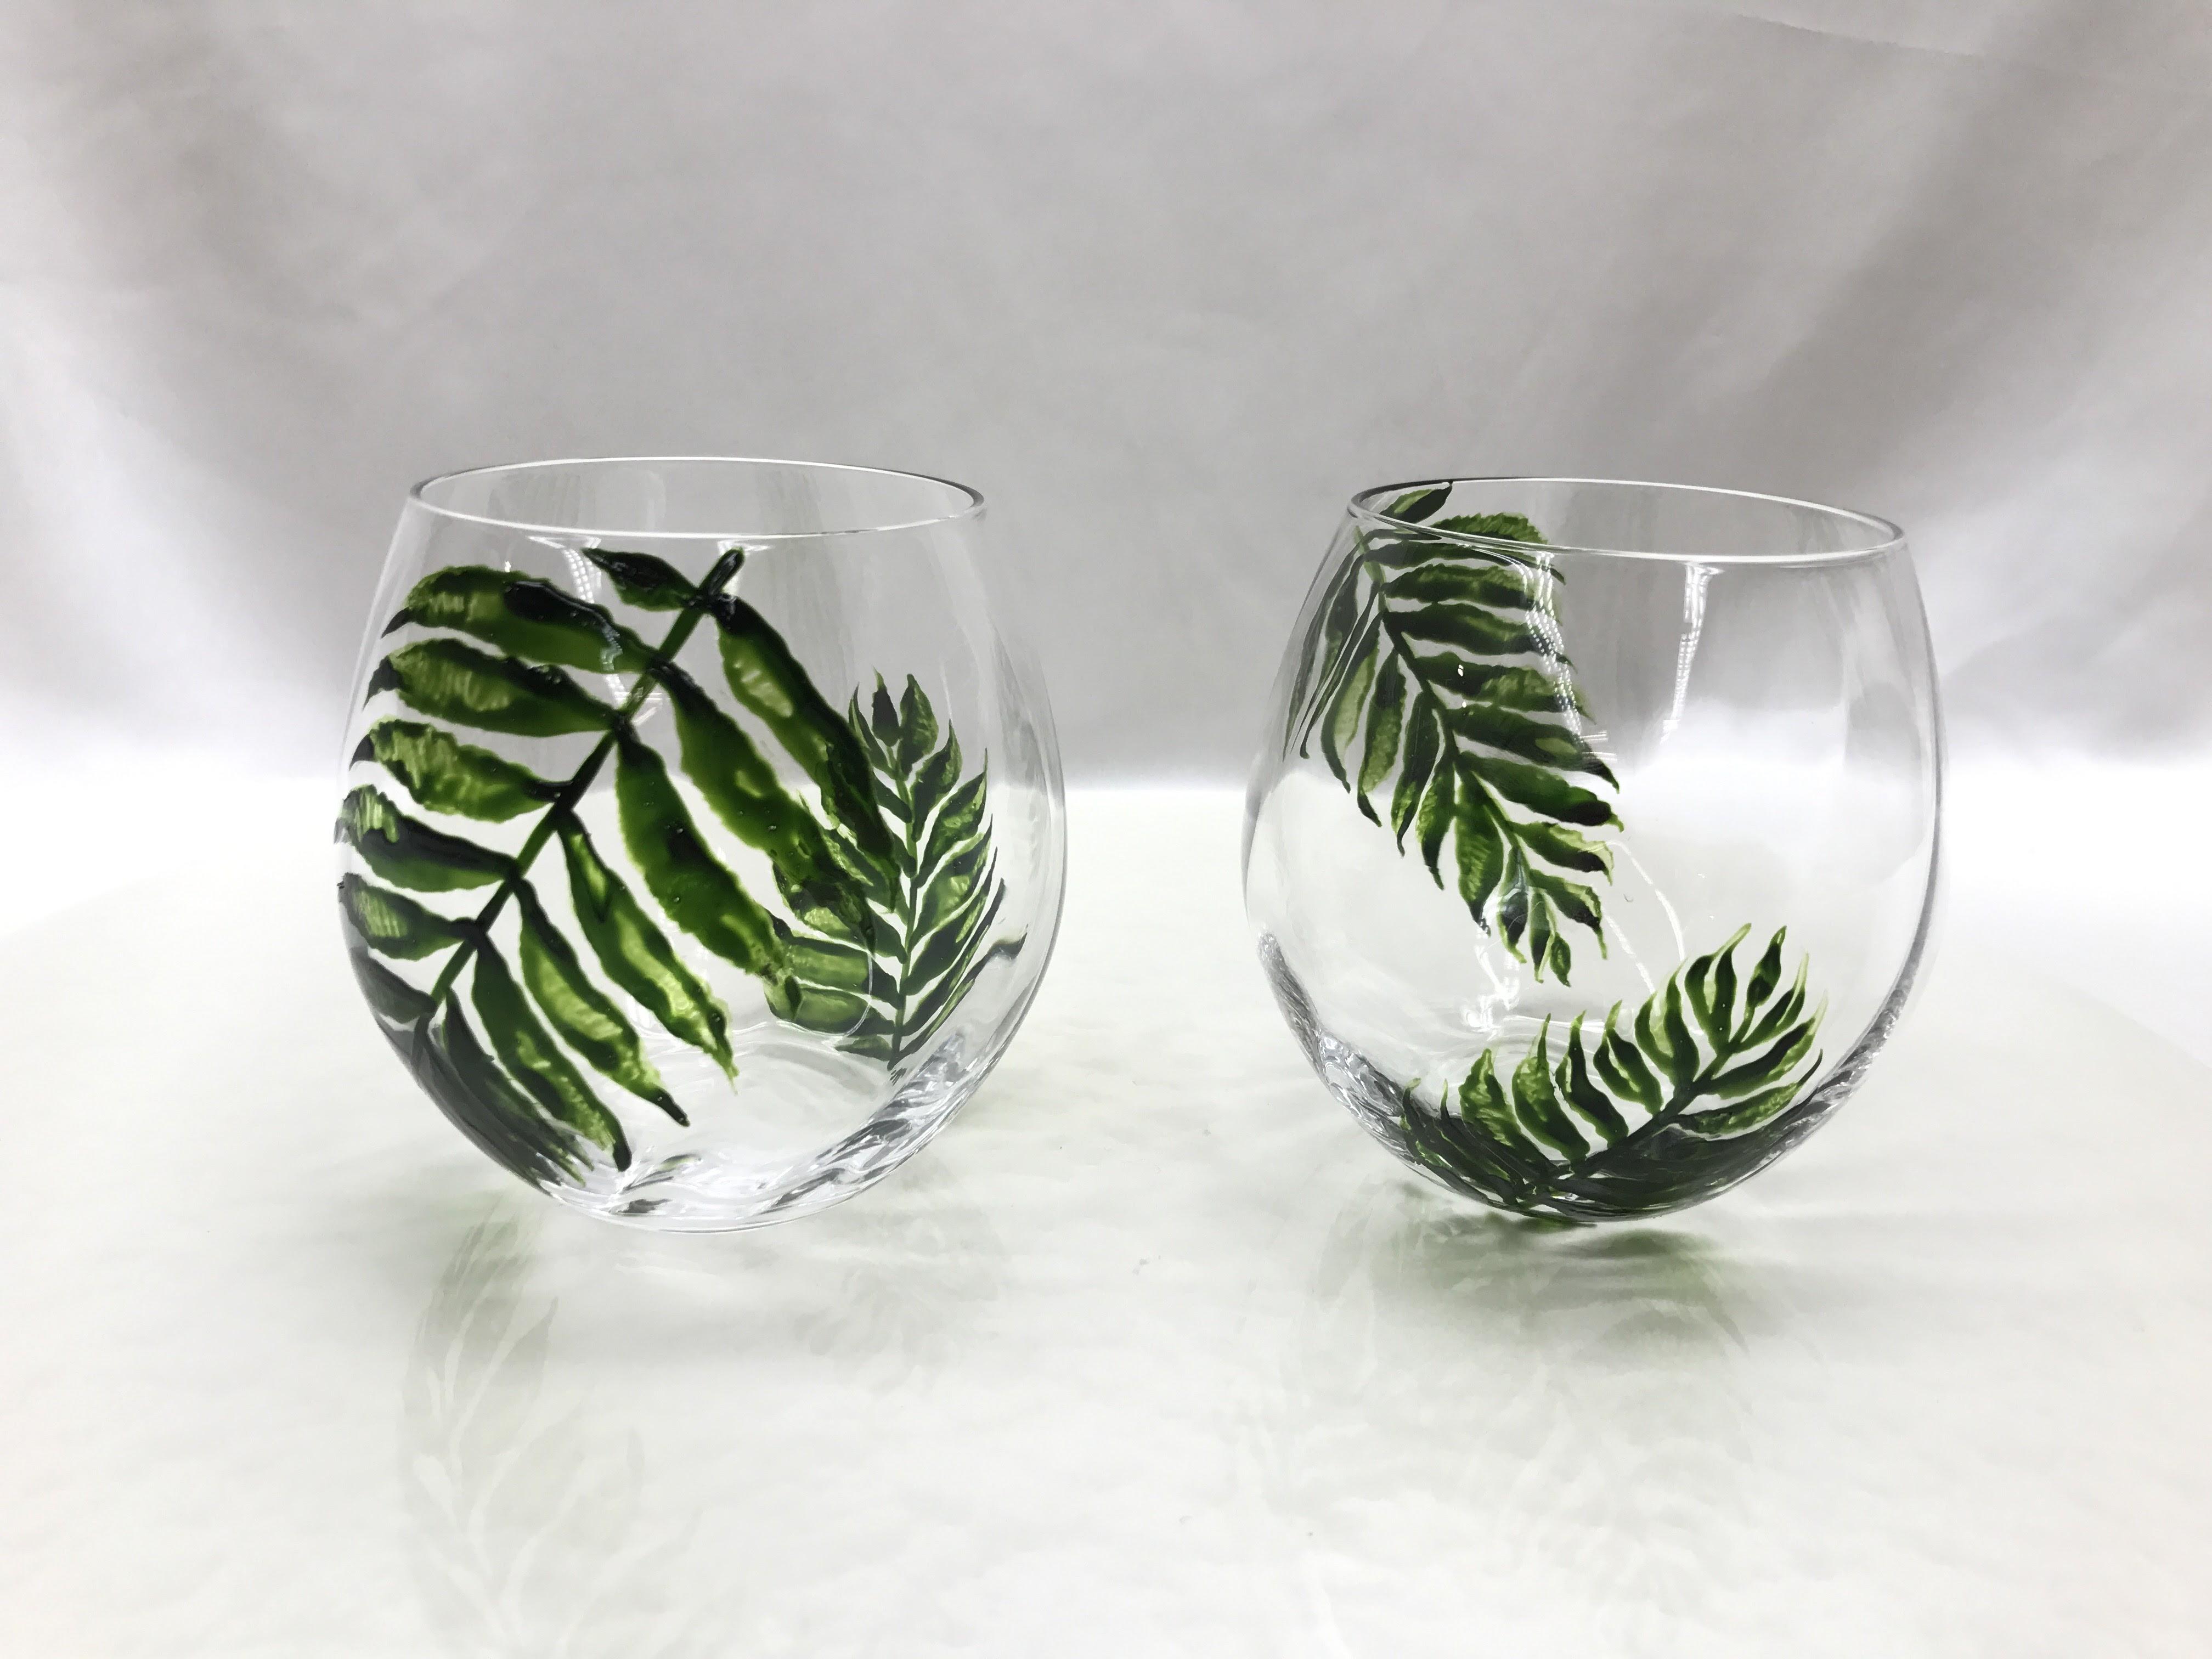 シダのグラス